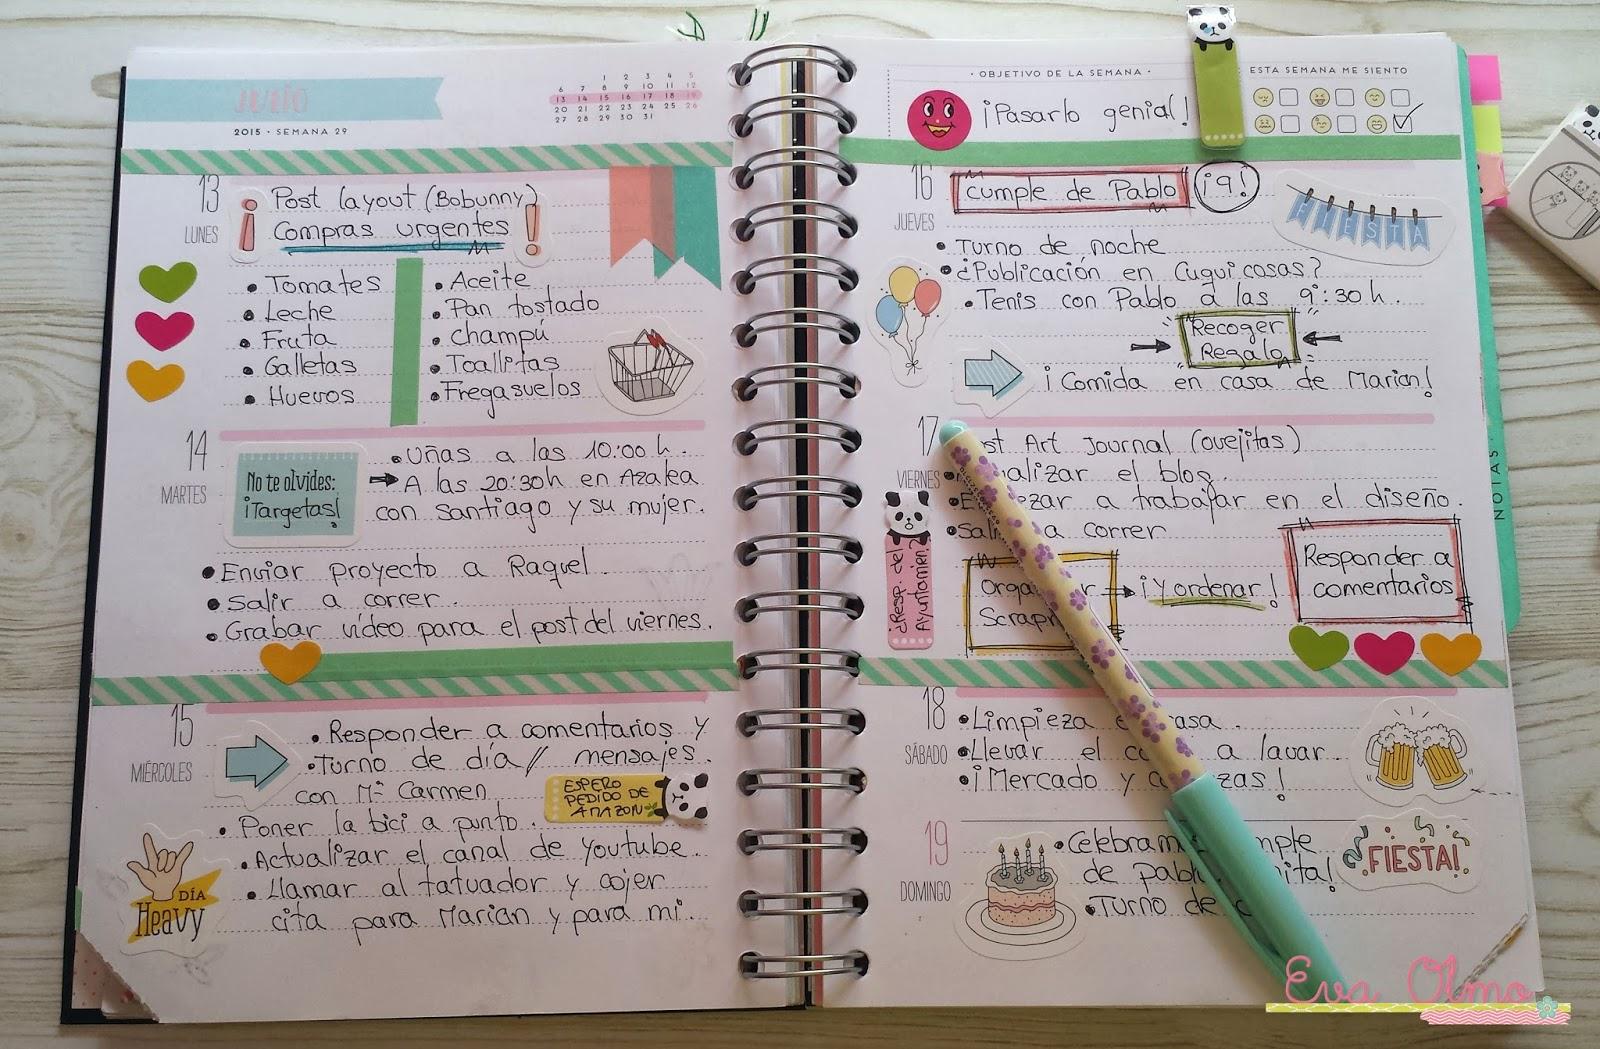 El caracol verde decoraci n de mi agenda mr wonderful - Paginas web de decoracion ...